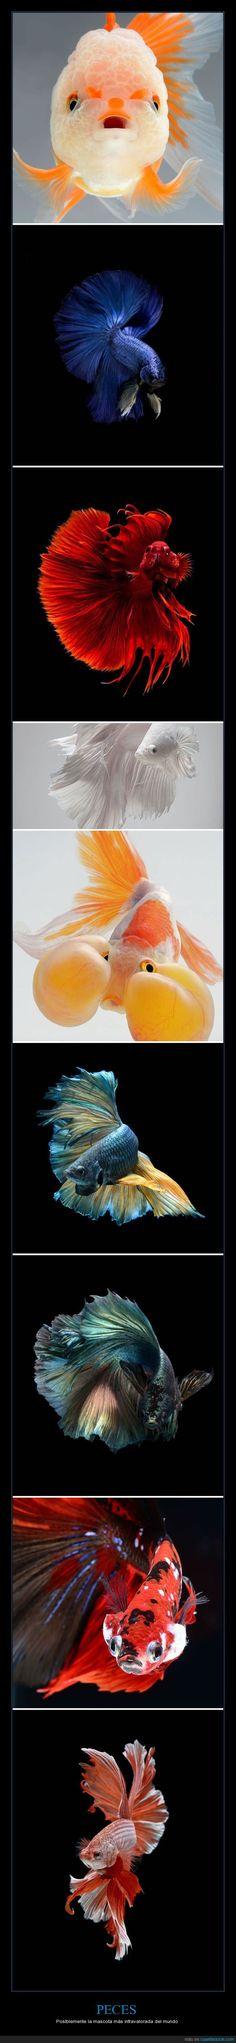 Peces de belleza sin igual. Chúpate esa, Dory - Poslblemente la mascota más infravalorada del mundo